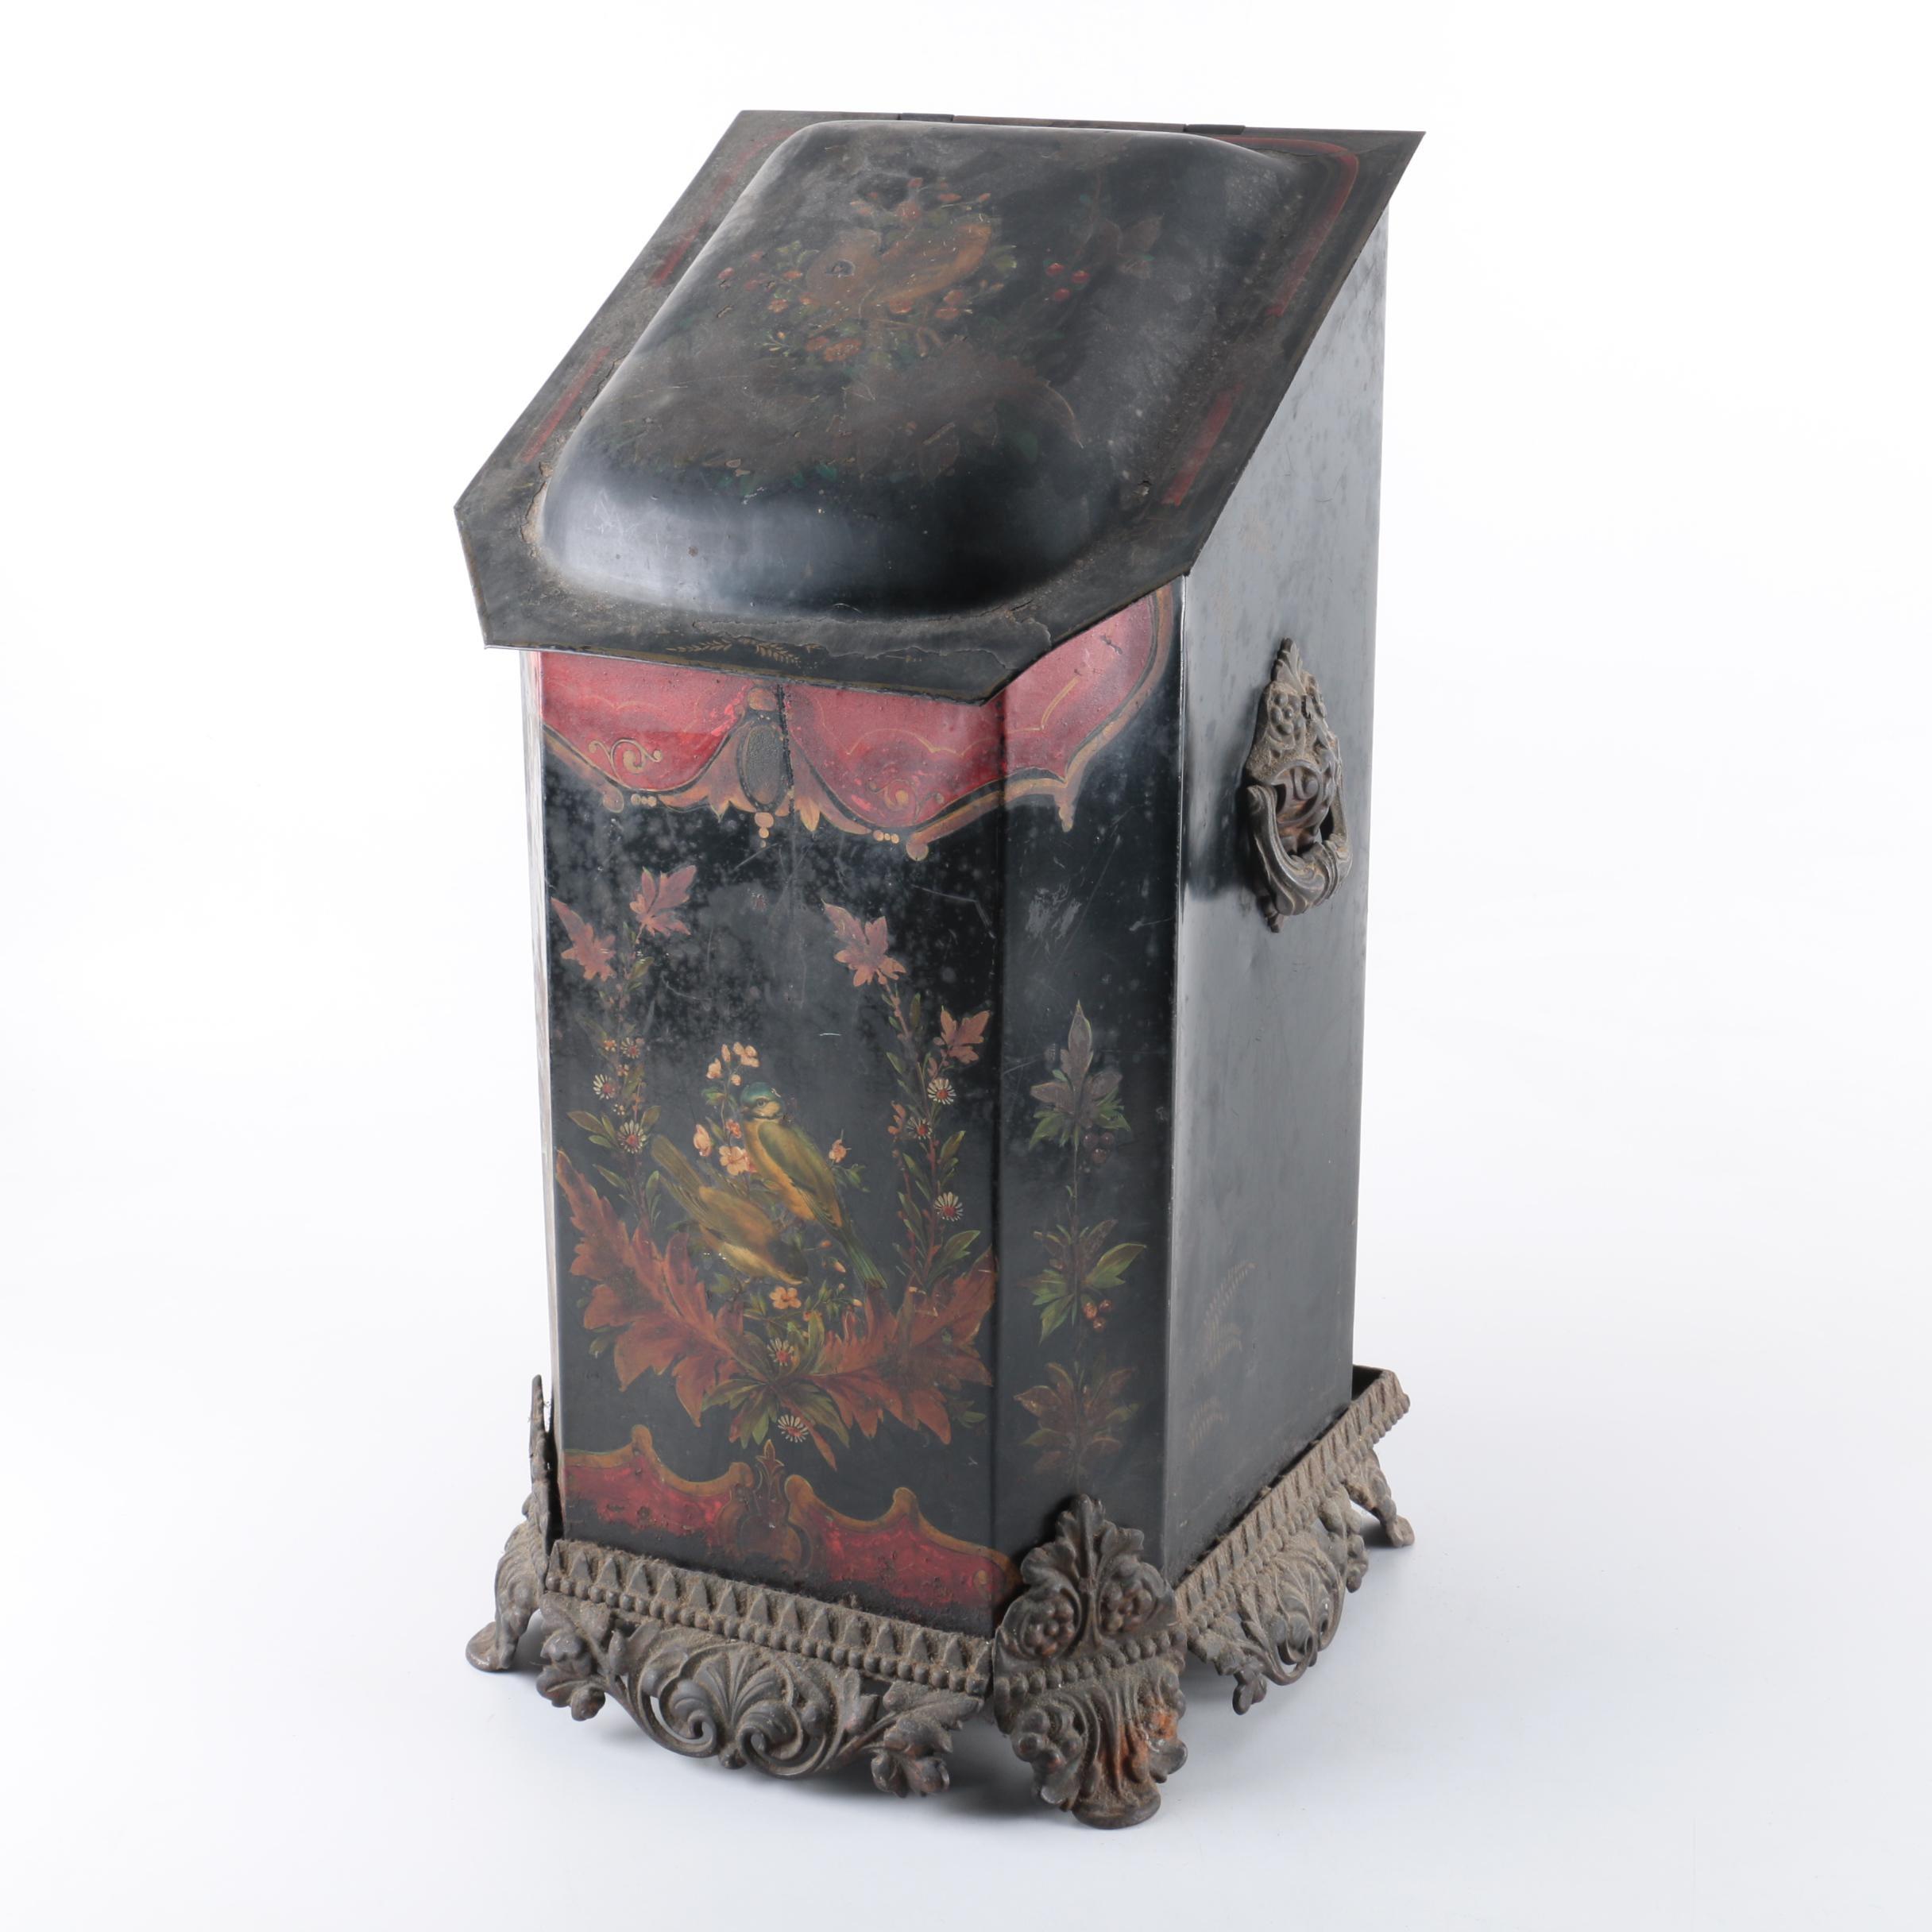 Metal Floral Motif Coal Bin